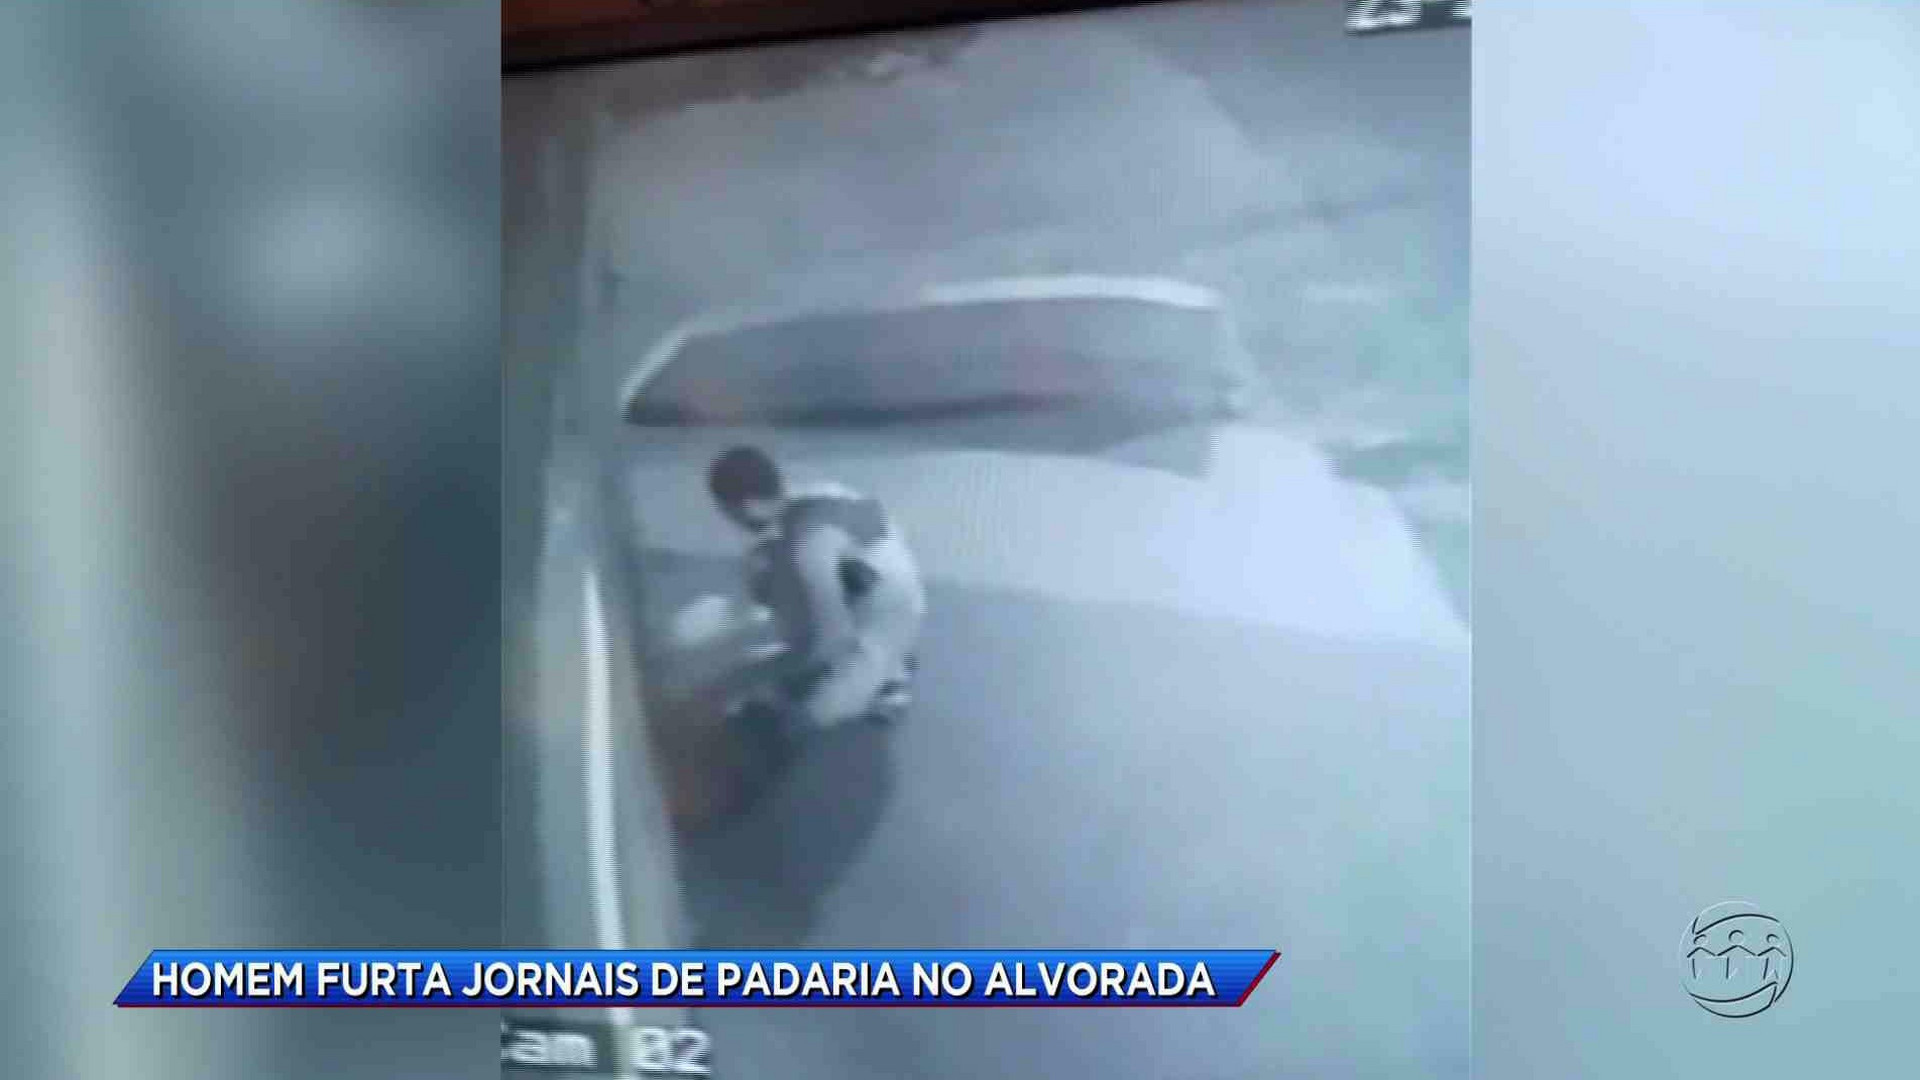 FLAGRANTE: HOMEM FURTA JORNAIS DE UMA PADARIA - Cidade Alerta Manaus 23/11/17